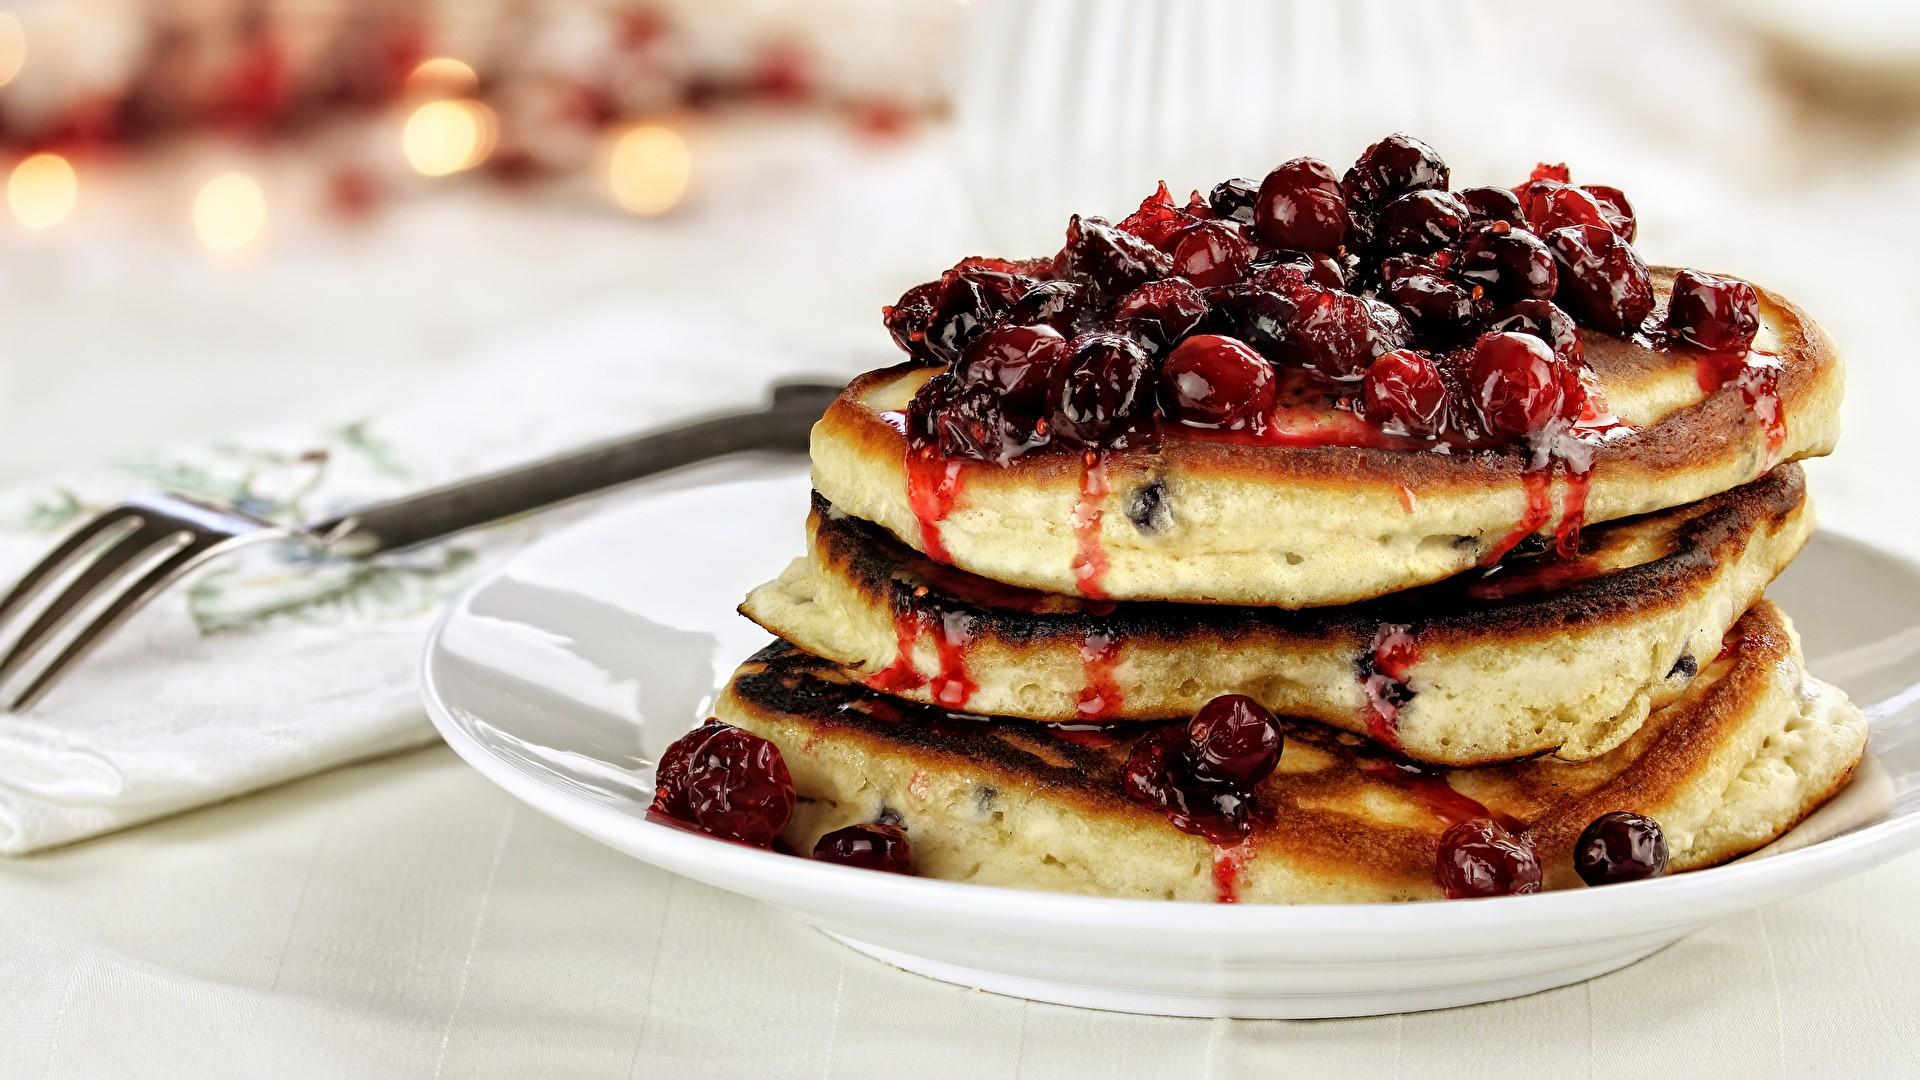 Pancake pics